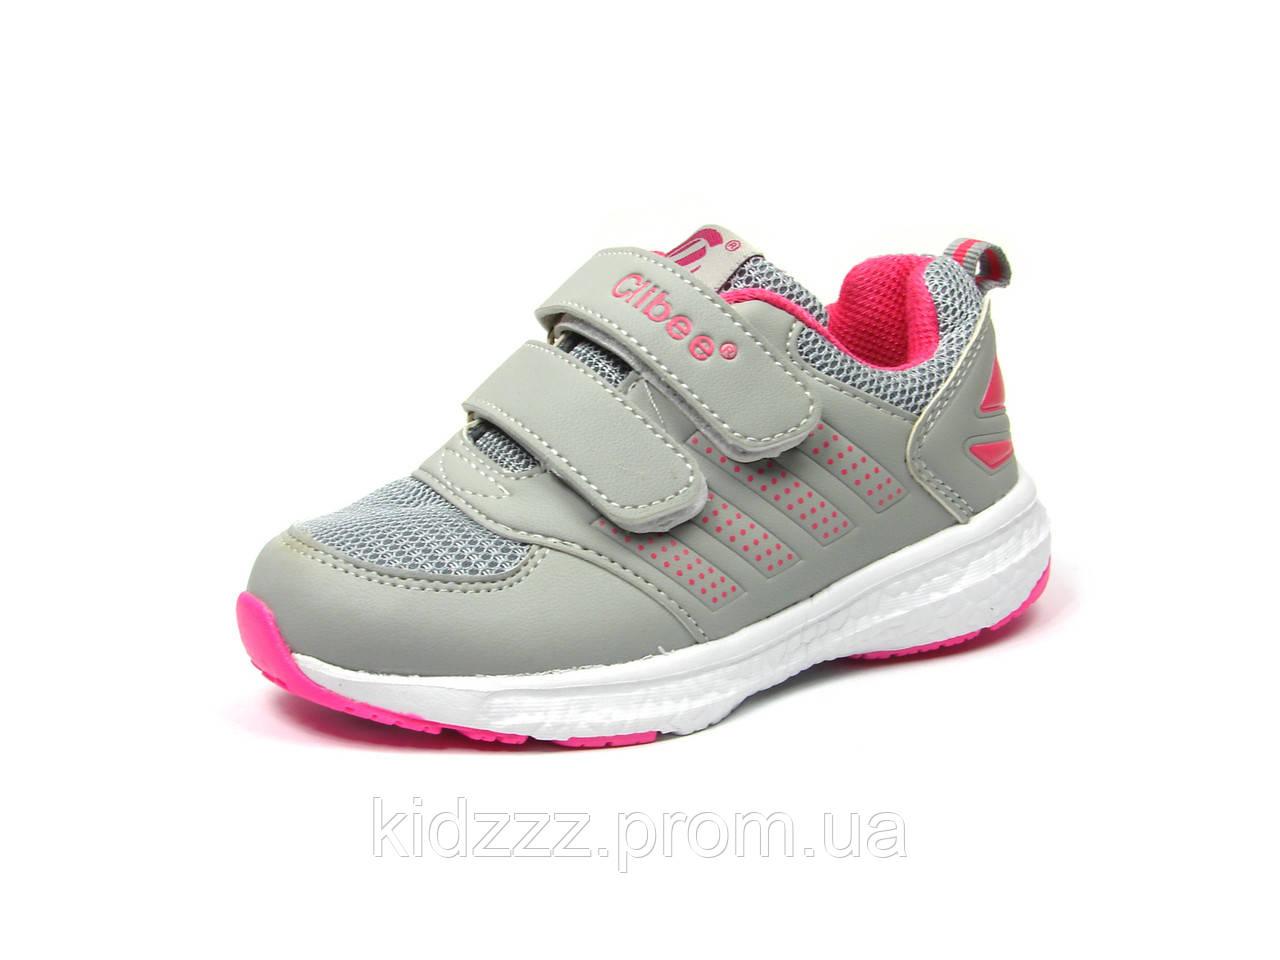 Детская спортивная обувь кроссовки Clibee